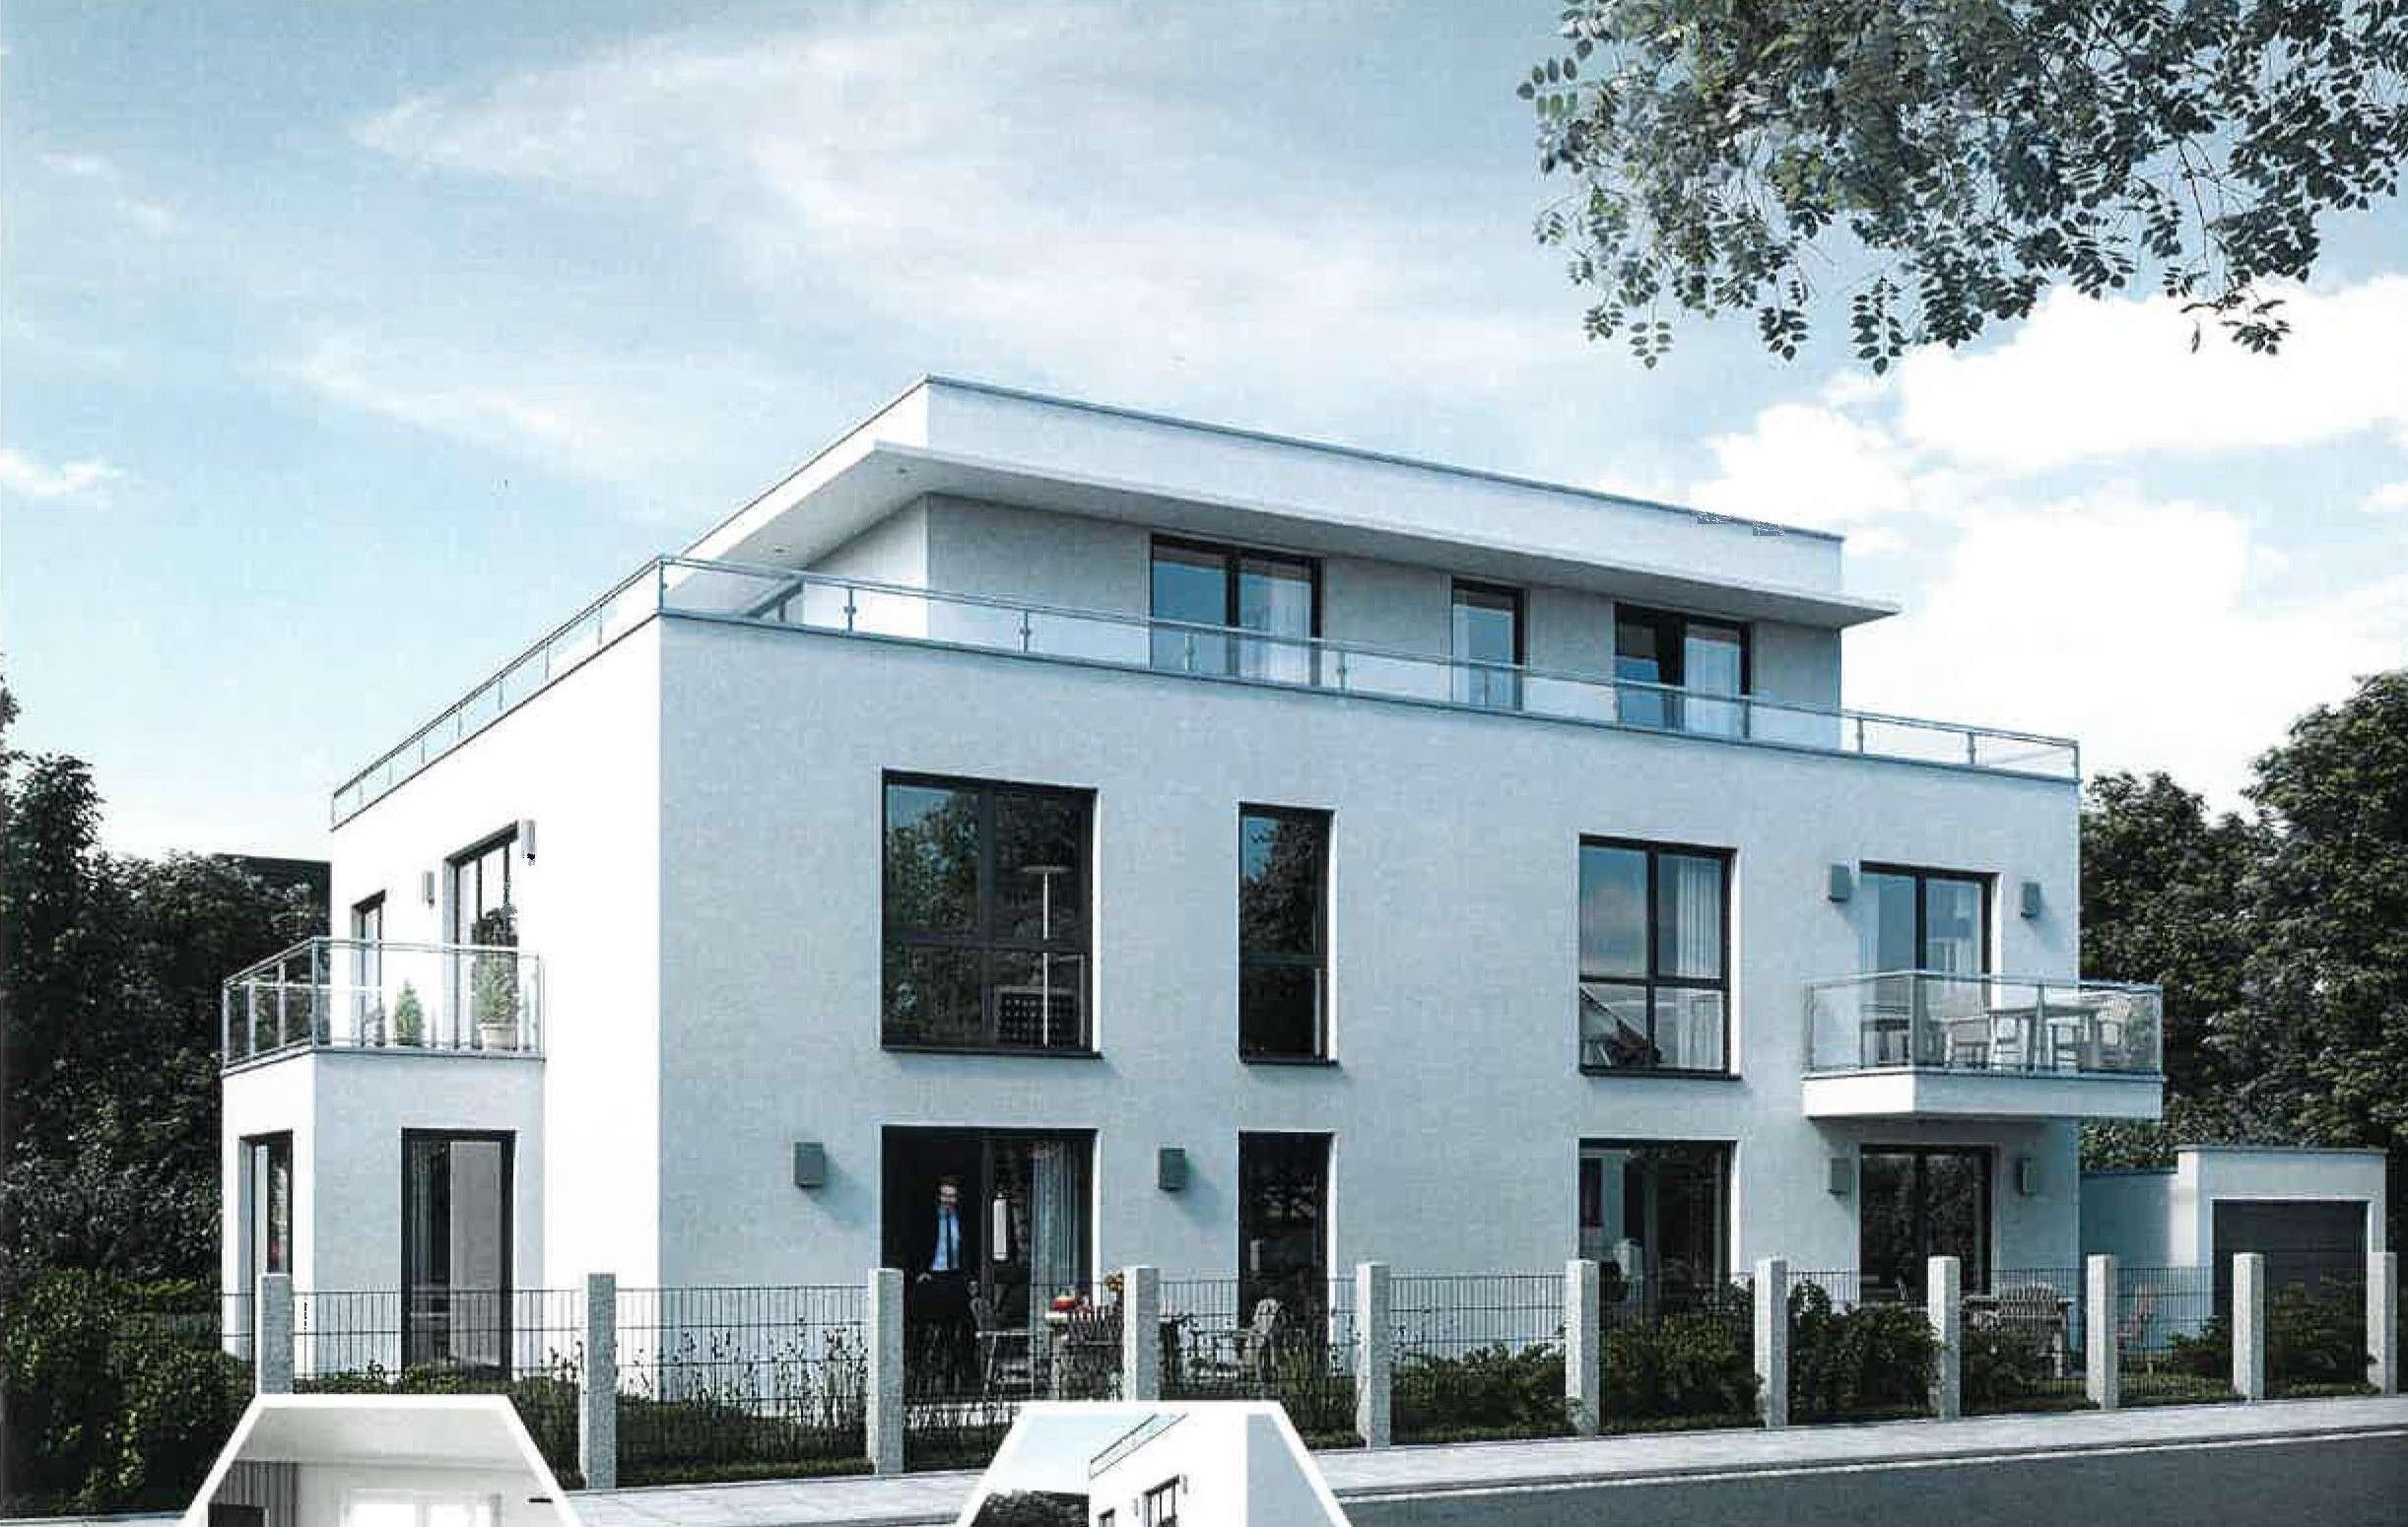 Neubau: Top-moderne 2-Zimmer-Wohnung in ruhiger Lage  mit Süd-Balkon u. TG-Stellplatz in Obermenzing in Obermenzing (München)